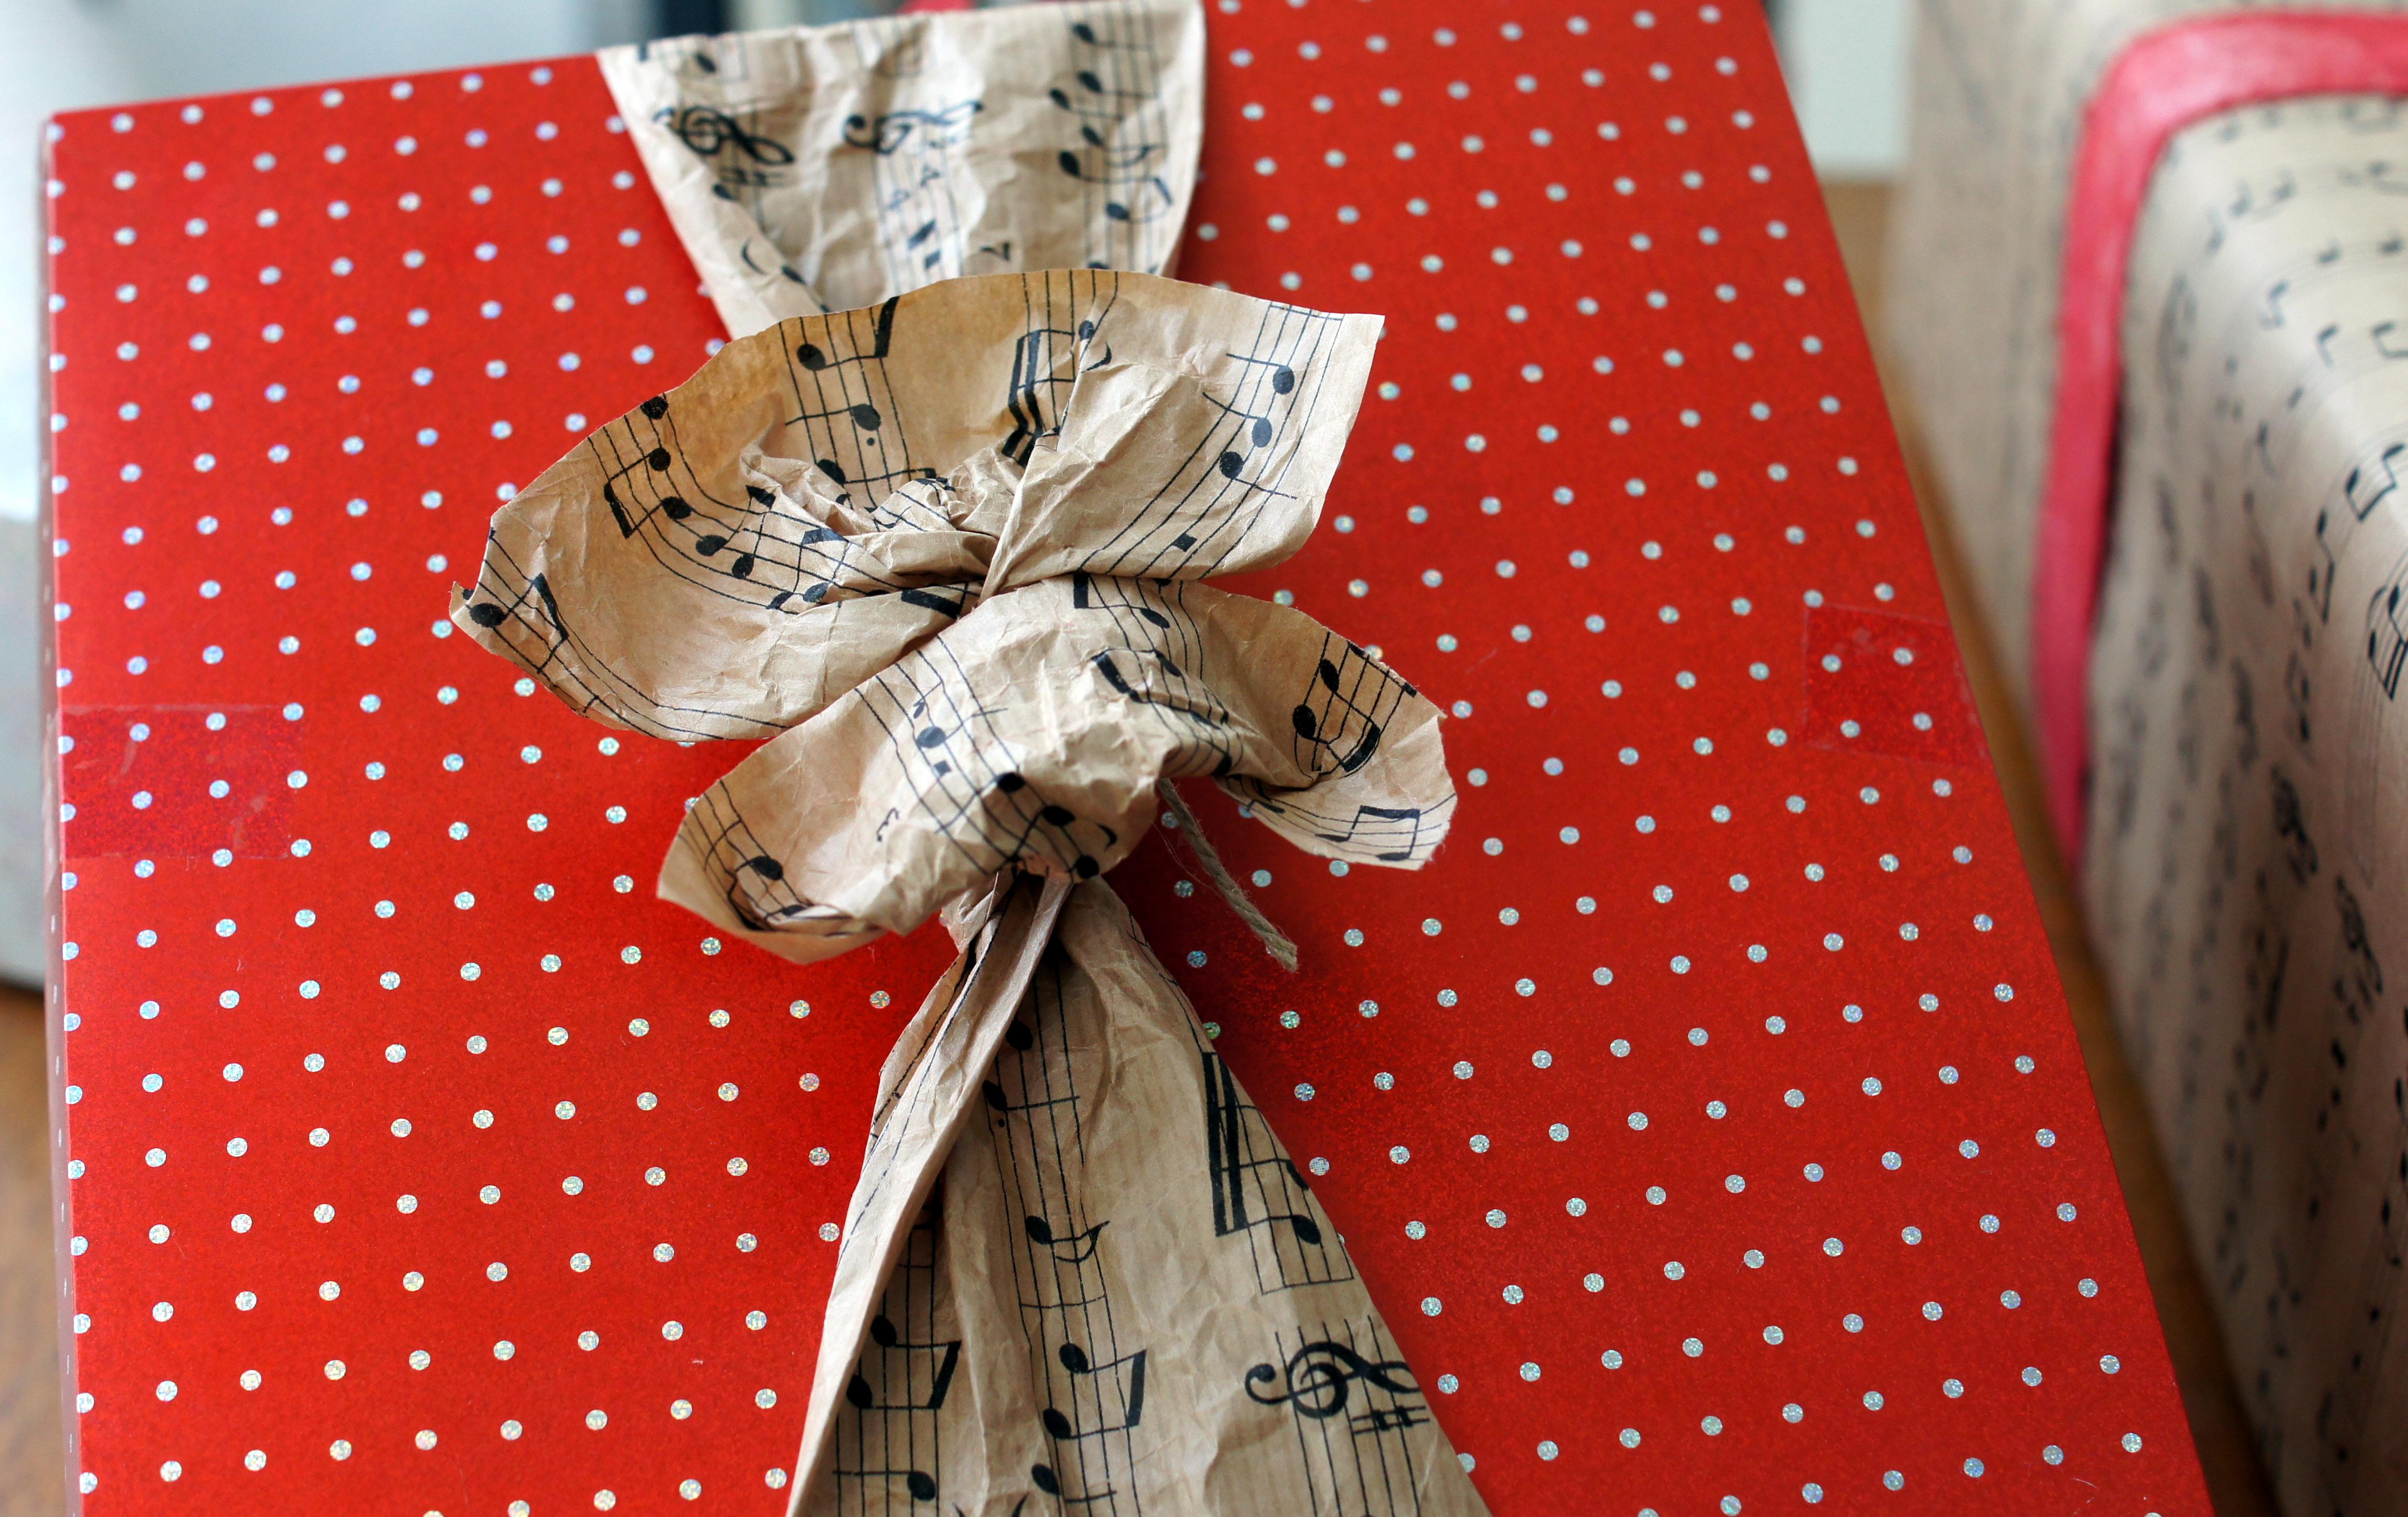 geschenke verpacken scrapimpulse. Black Bedroom Furniture Sets. Home Design Ideas